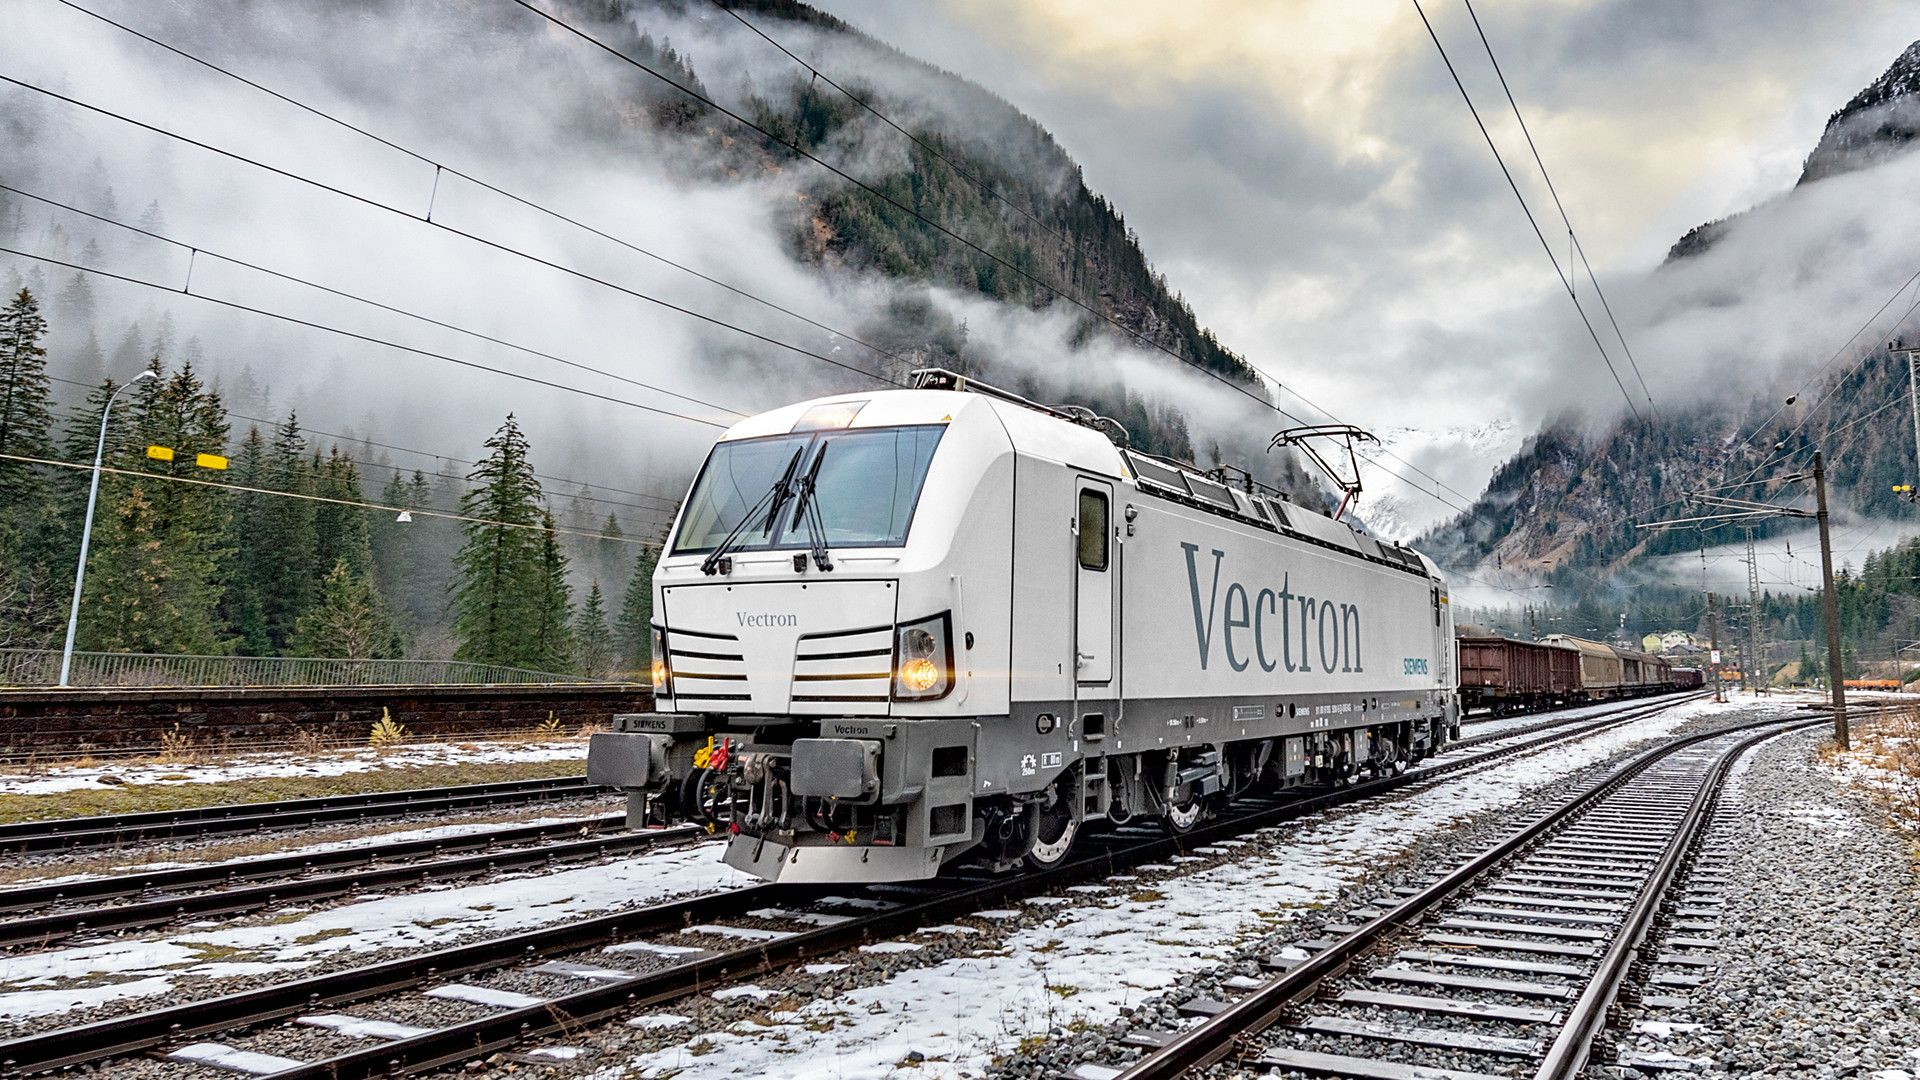 Čtyřsystémová lokomotiva Siemens Vectron. Foto: Siemens